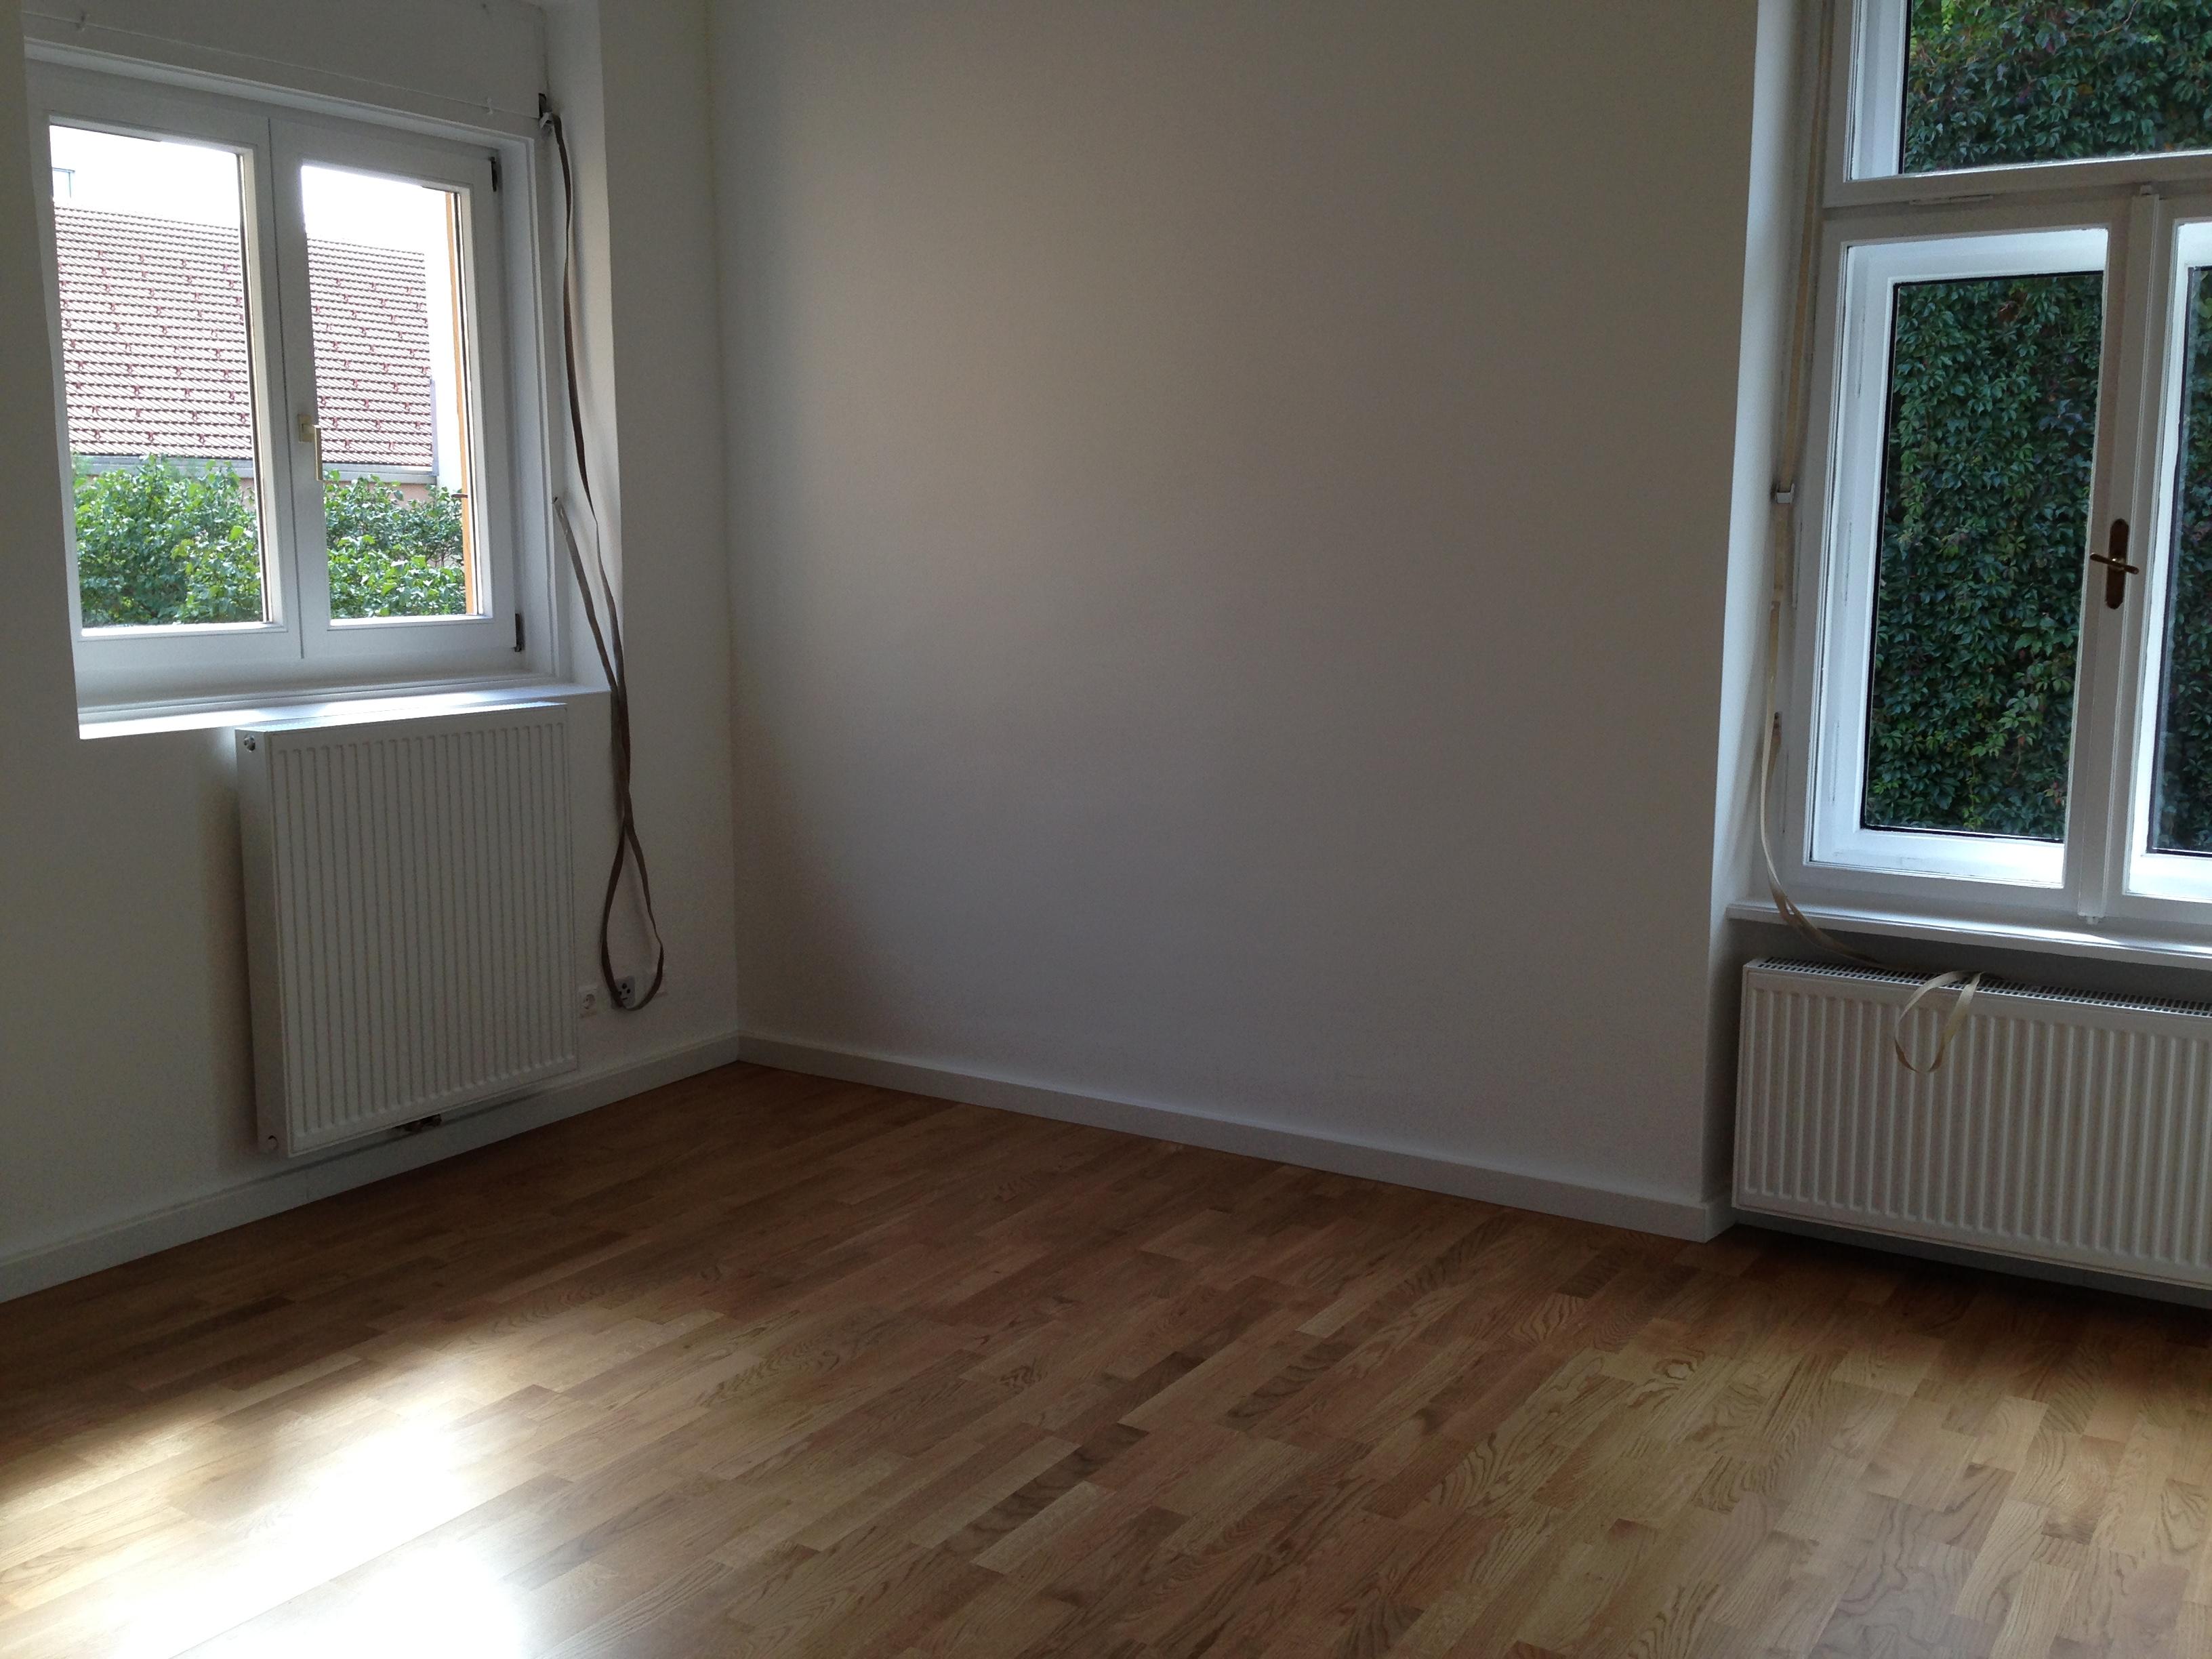 Zinzendorfgasse 1-Zimmer-Mietwohnung in unmittelbarer Uni-Nähe. Ruhige Innenhoflage